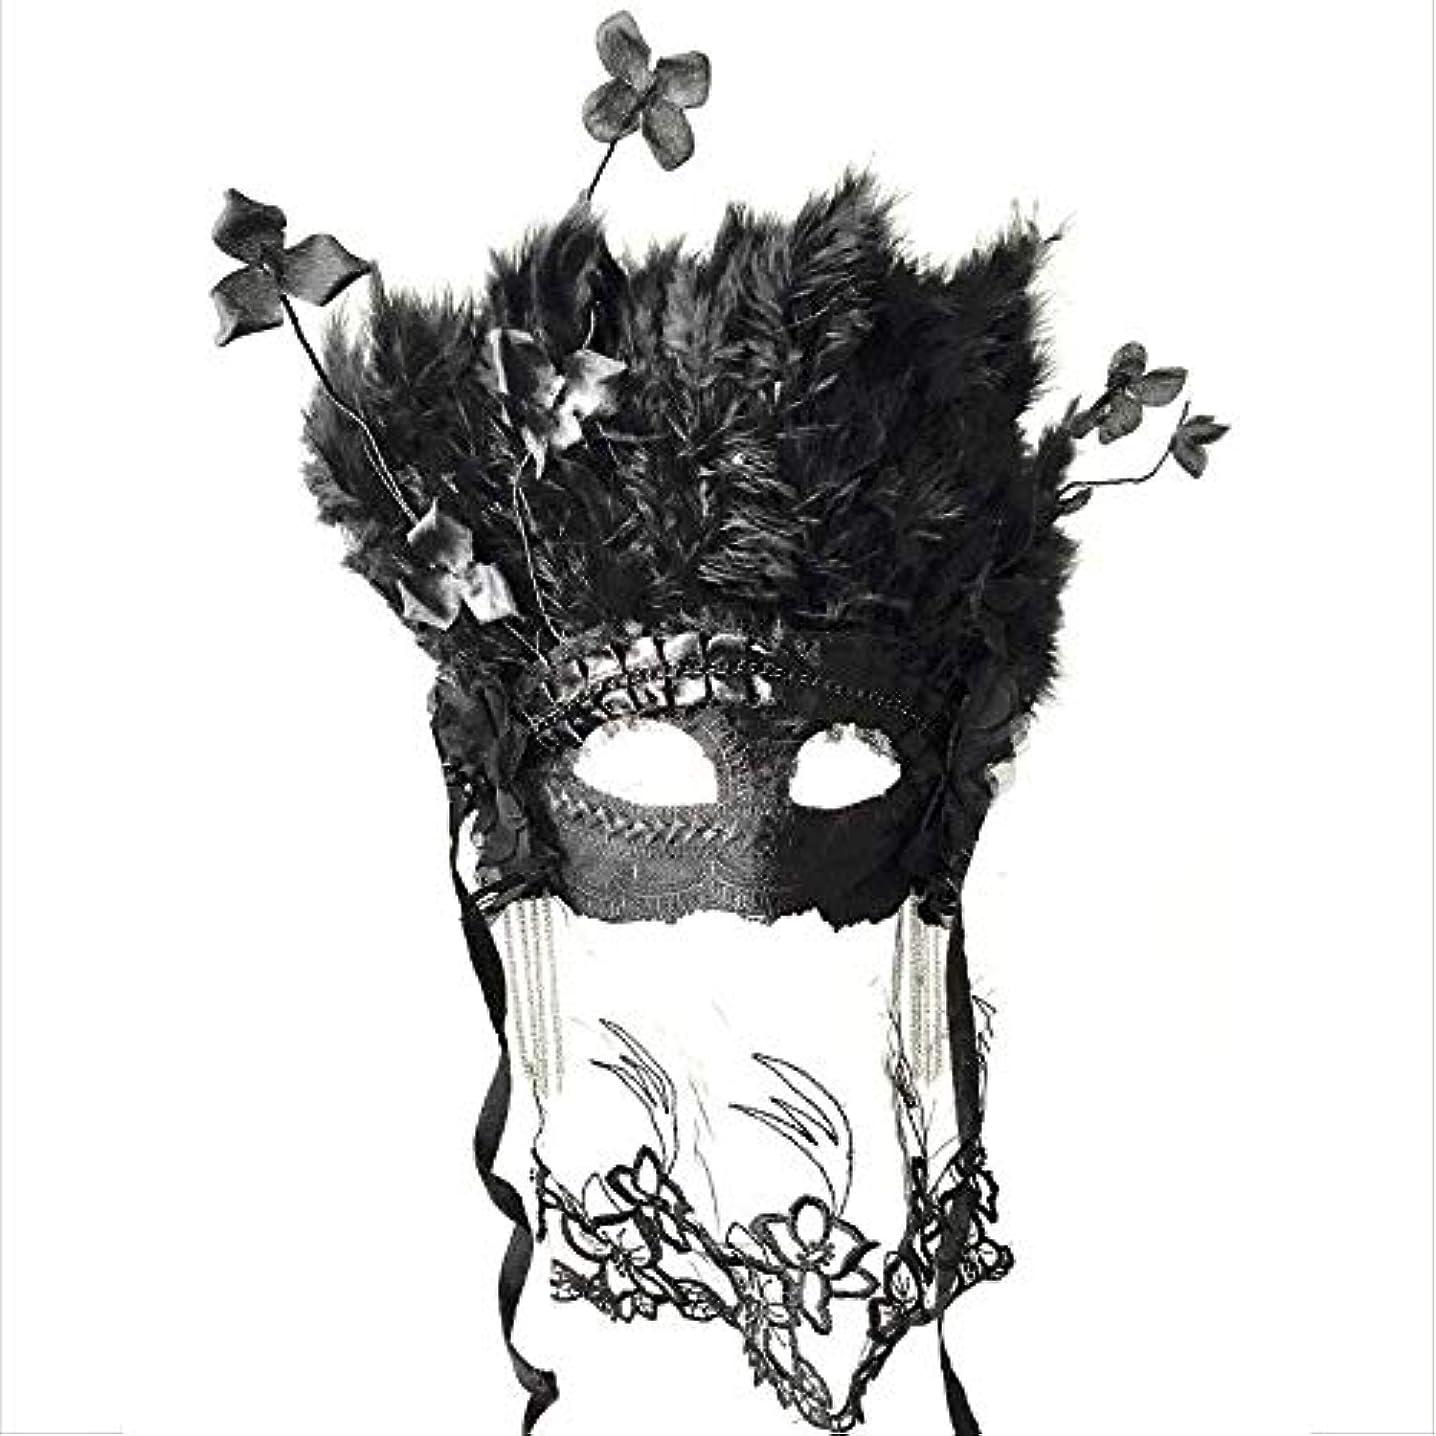 気付く誰か高原Nanle ハロウィンクリスマスベールドライフラワーフェザータッセルマスク仮装マスクレディミスプリンセス美容祭パーティーデコレーションマスク